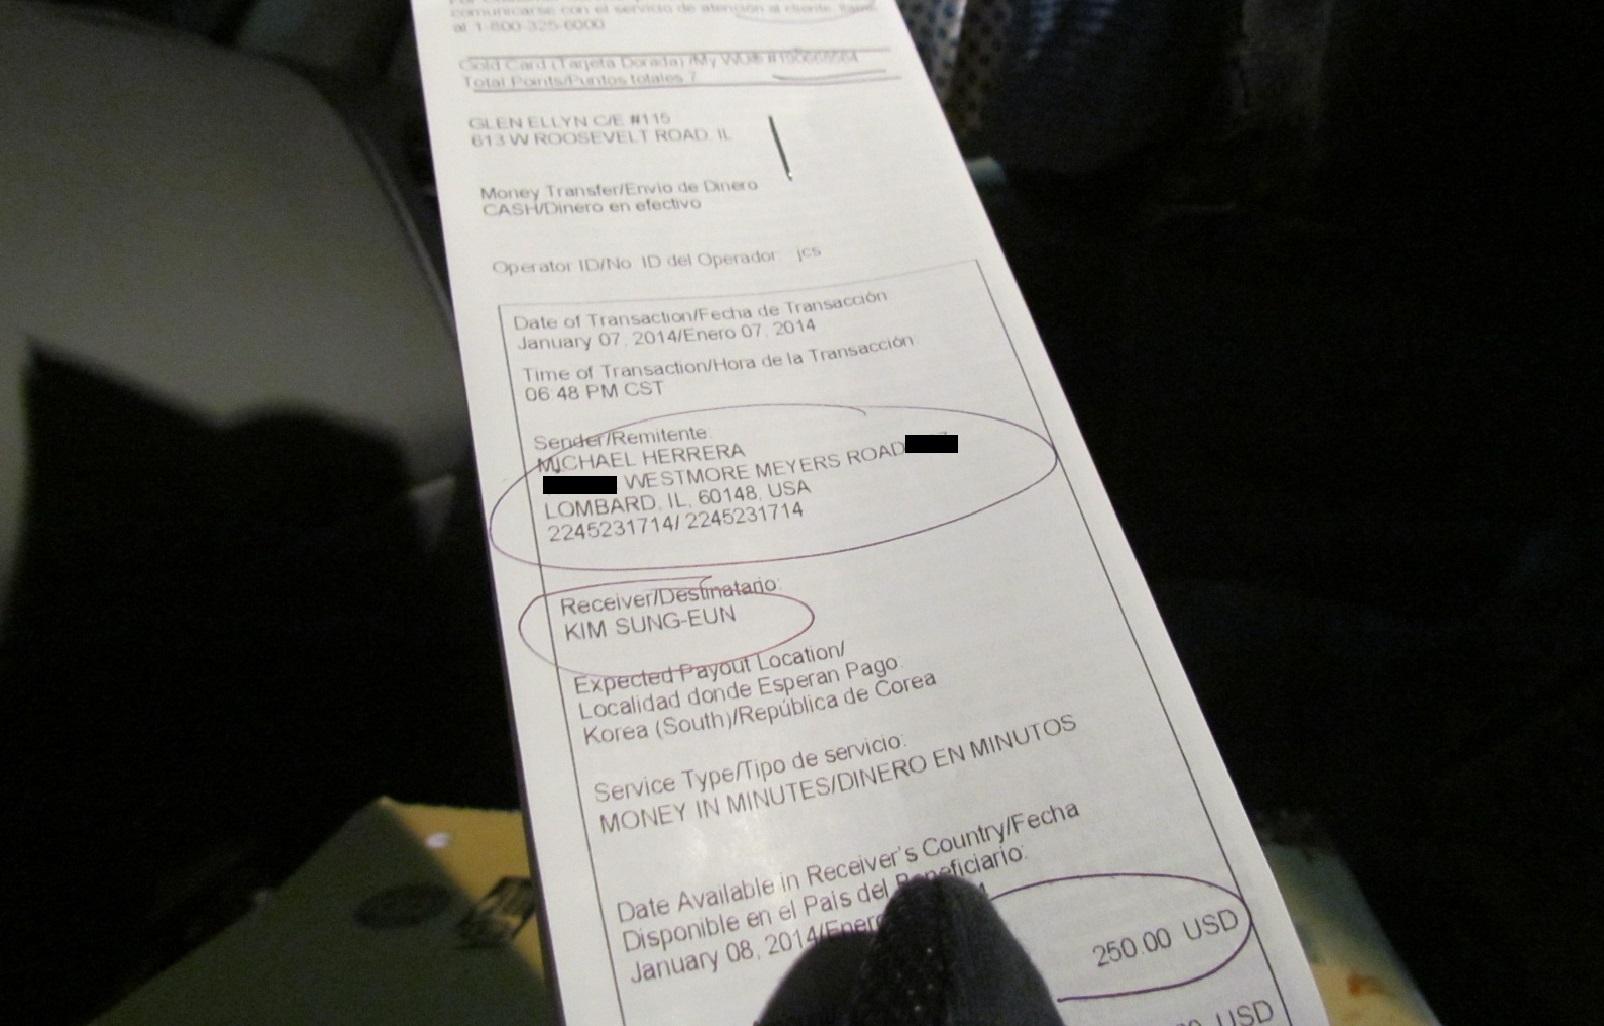 Reciept of money sent